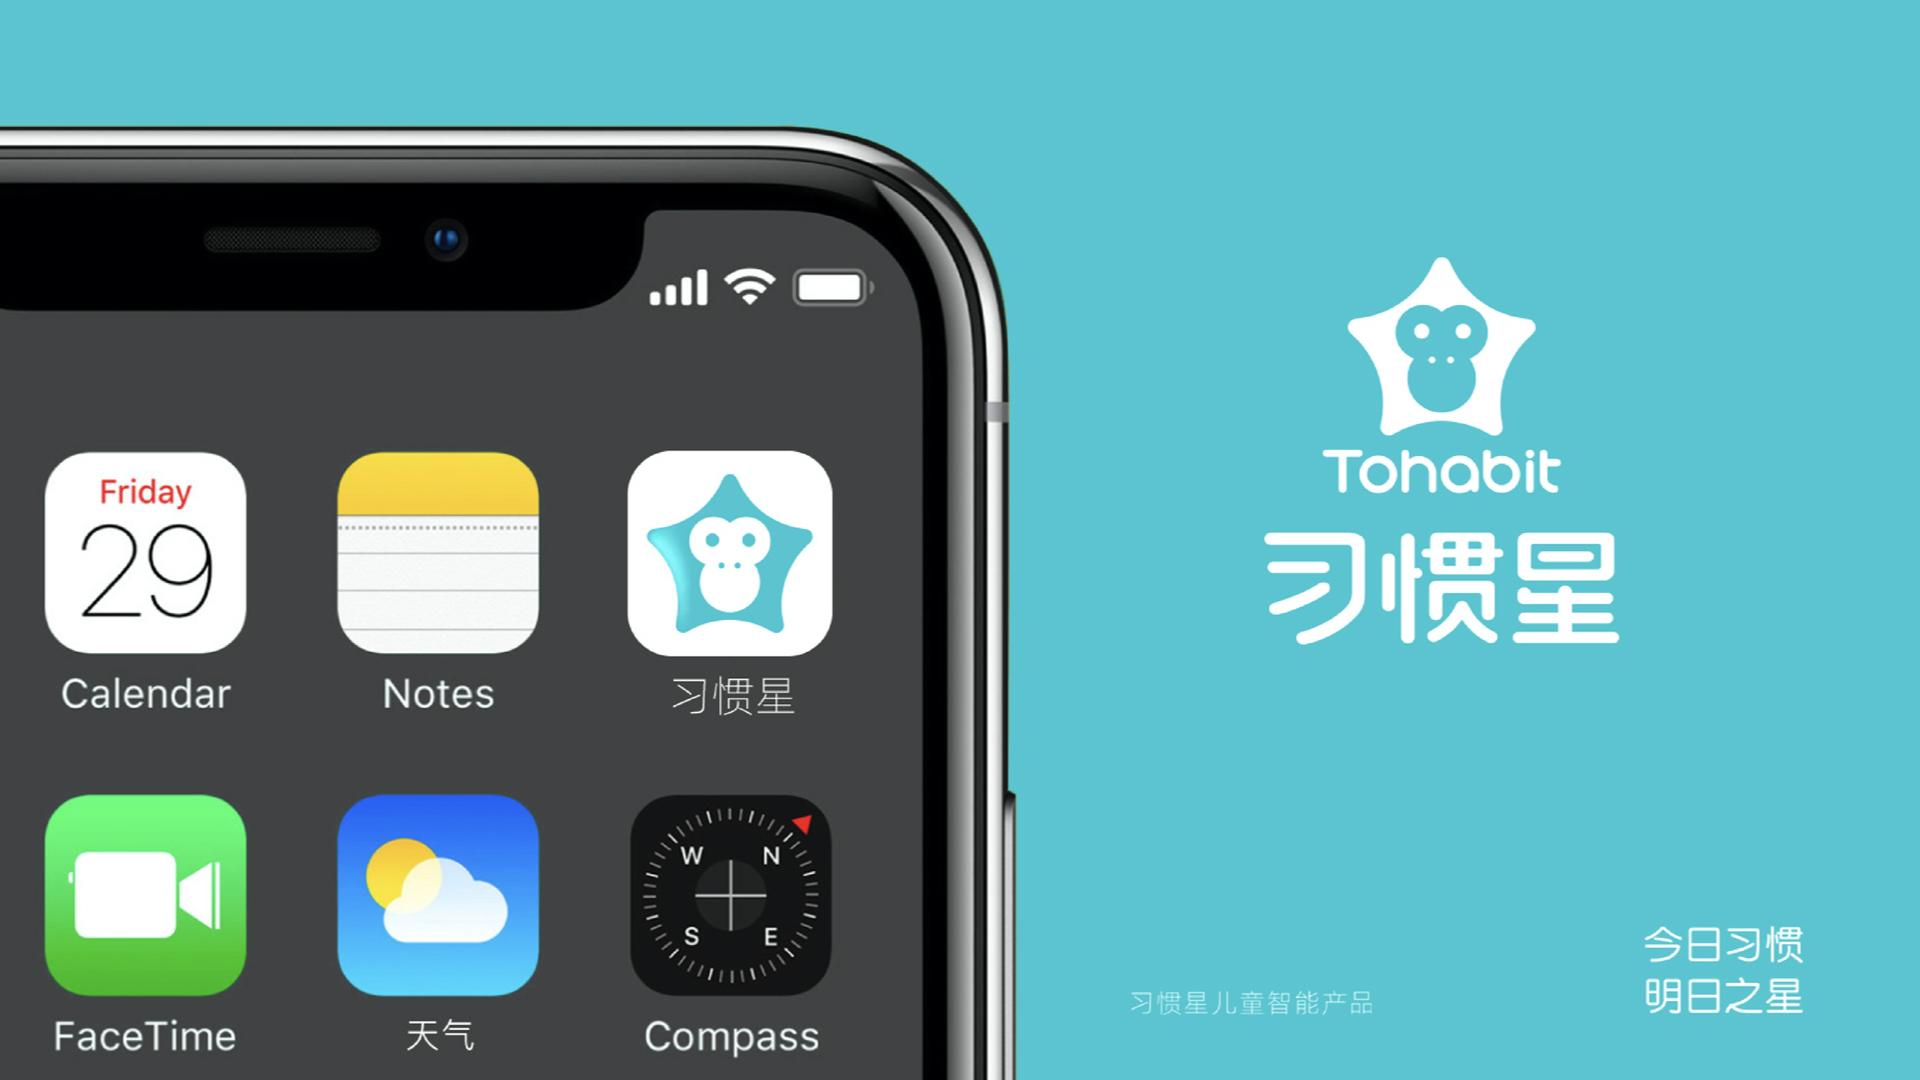 【公司-企业介绍】达岸品牌营销机构20200526.043